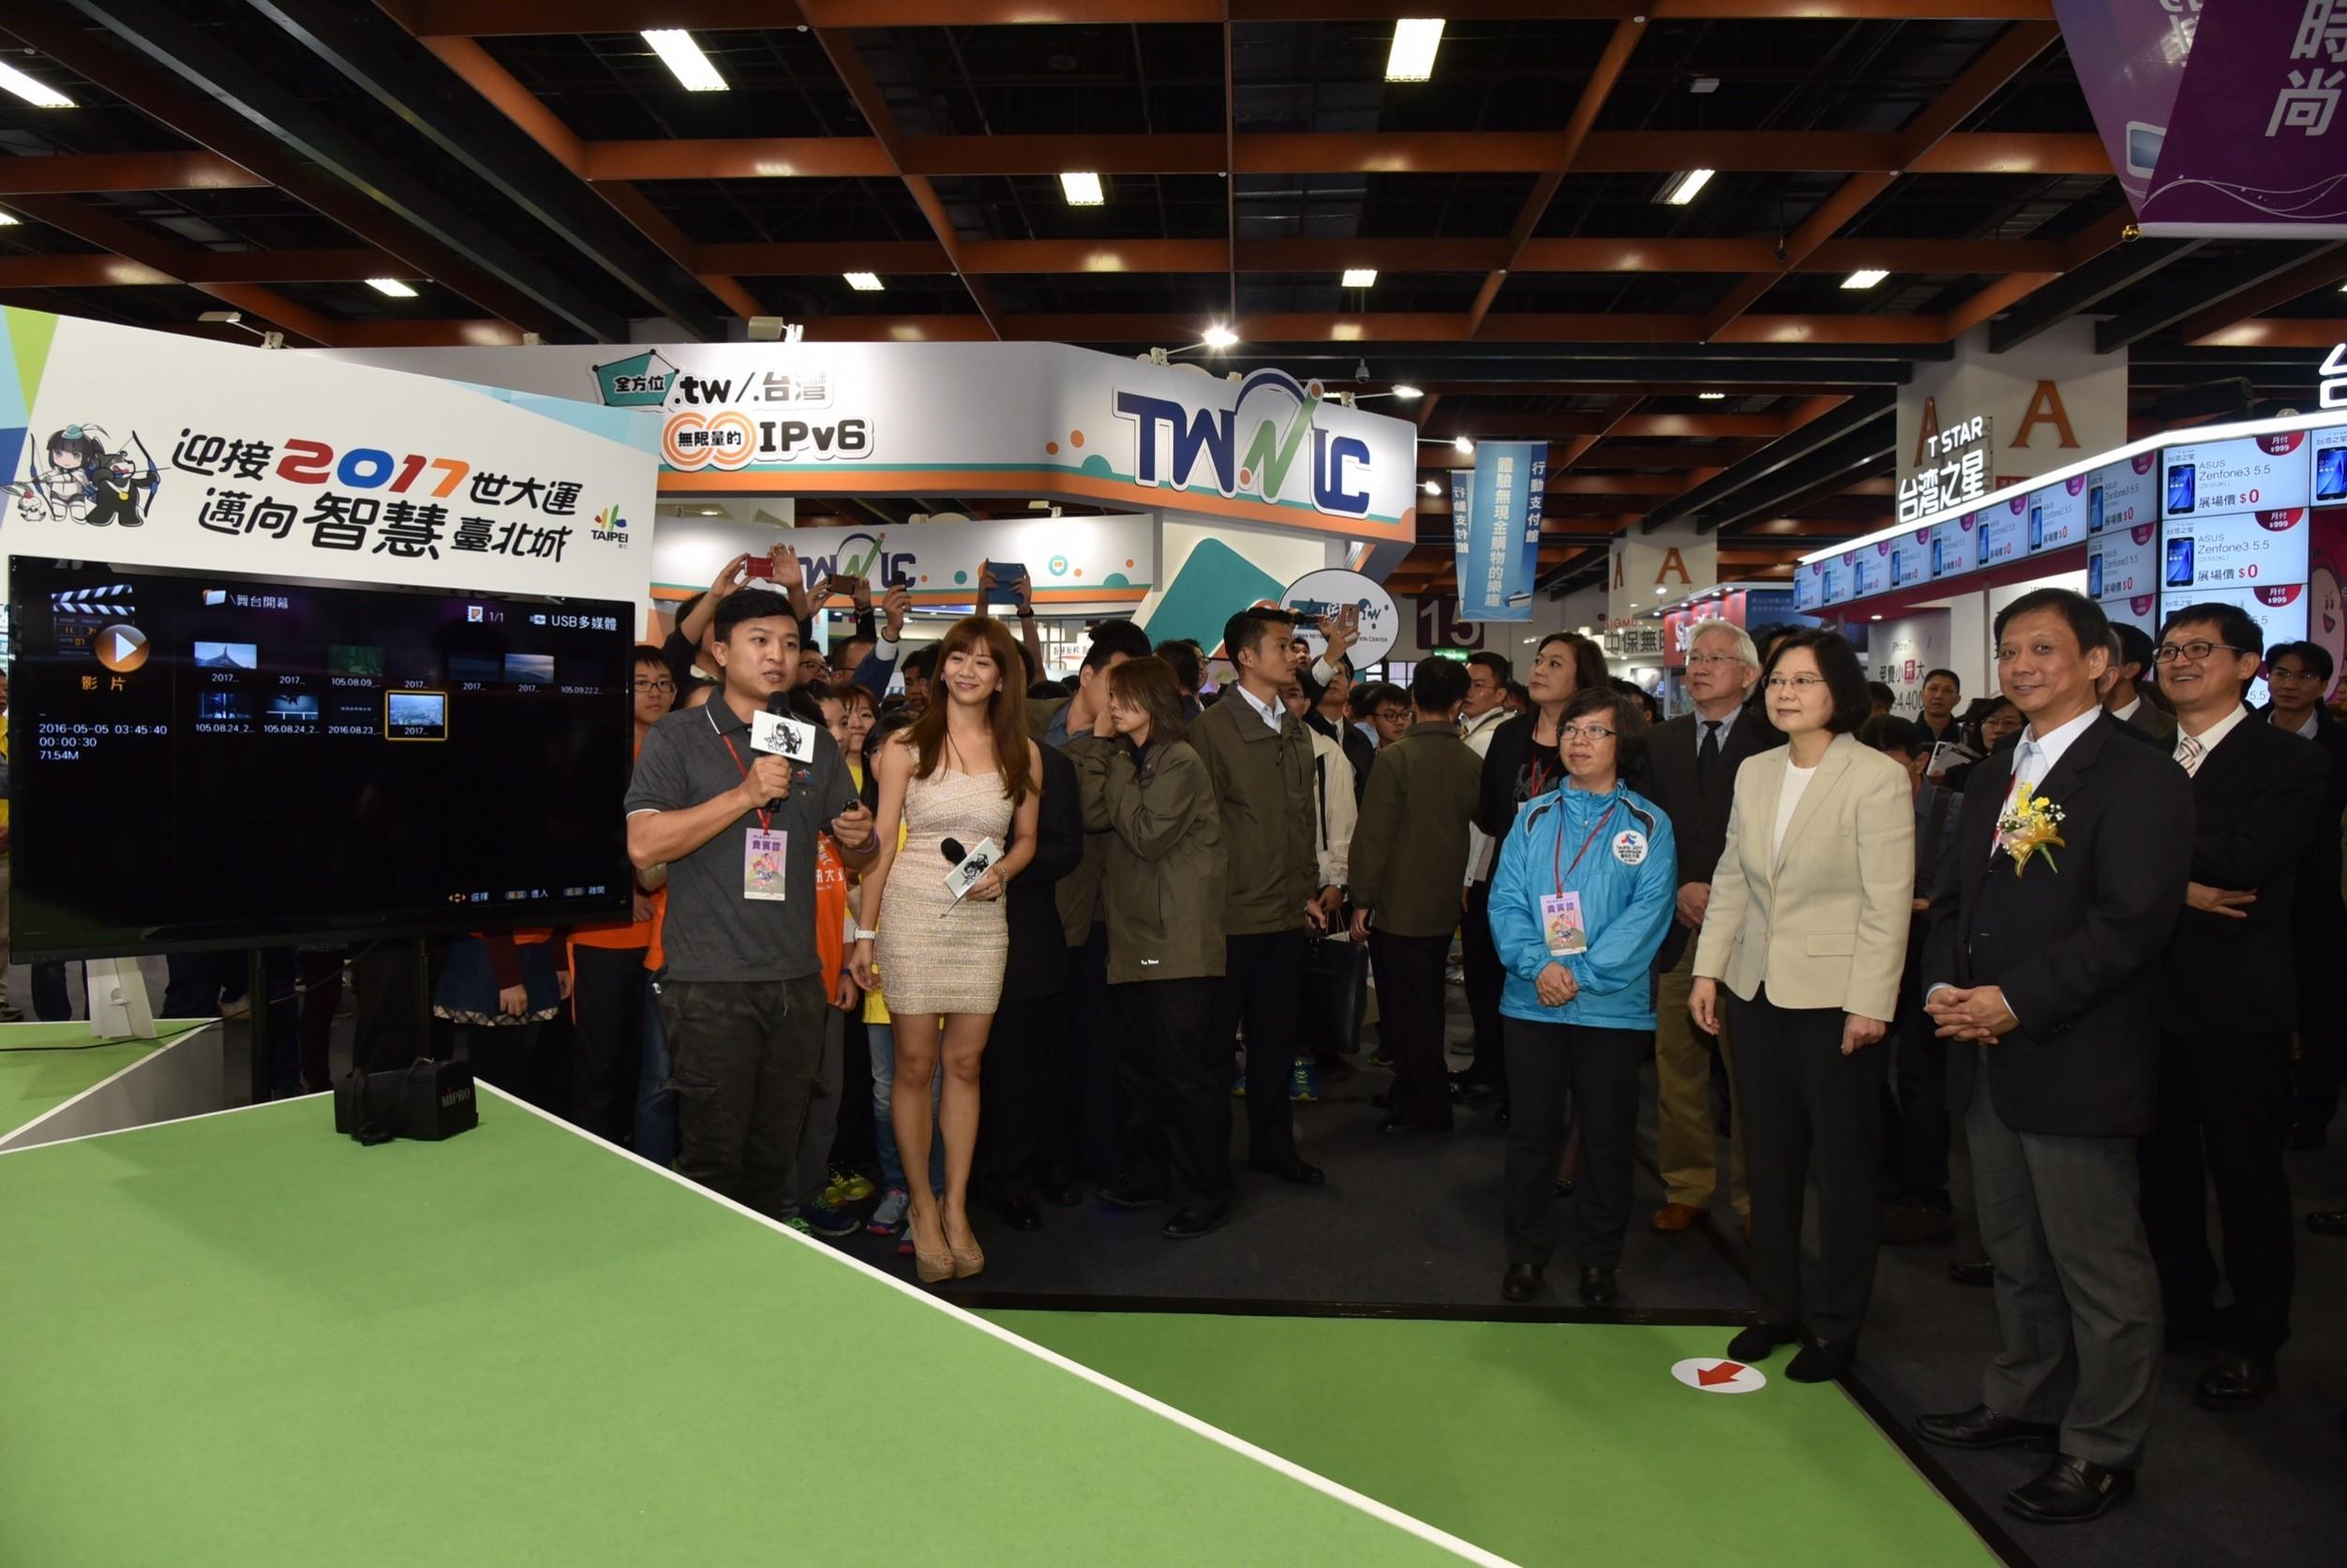 圖3:世大運發言人楊景棠向總統報告將臺北市打造運動智慧的城市